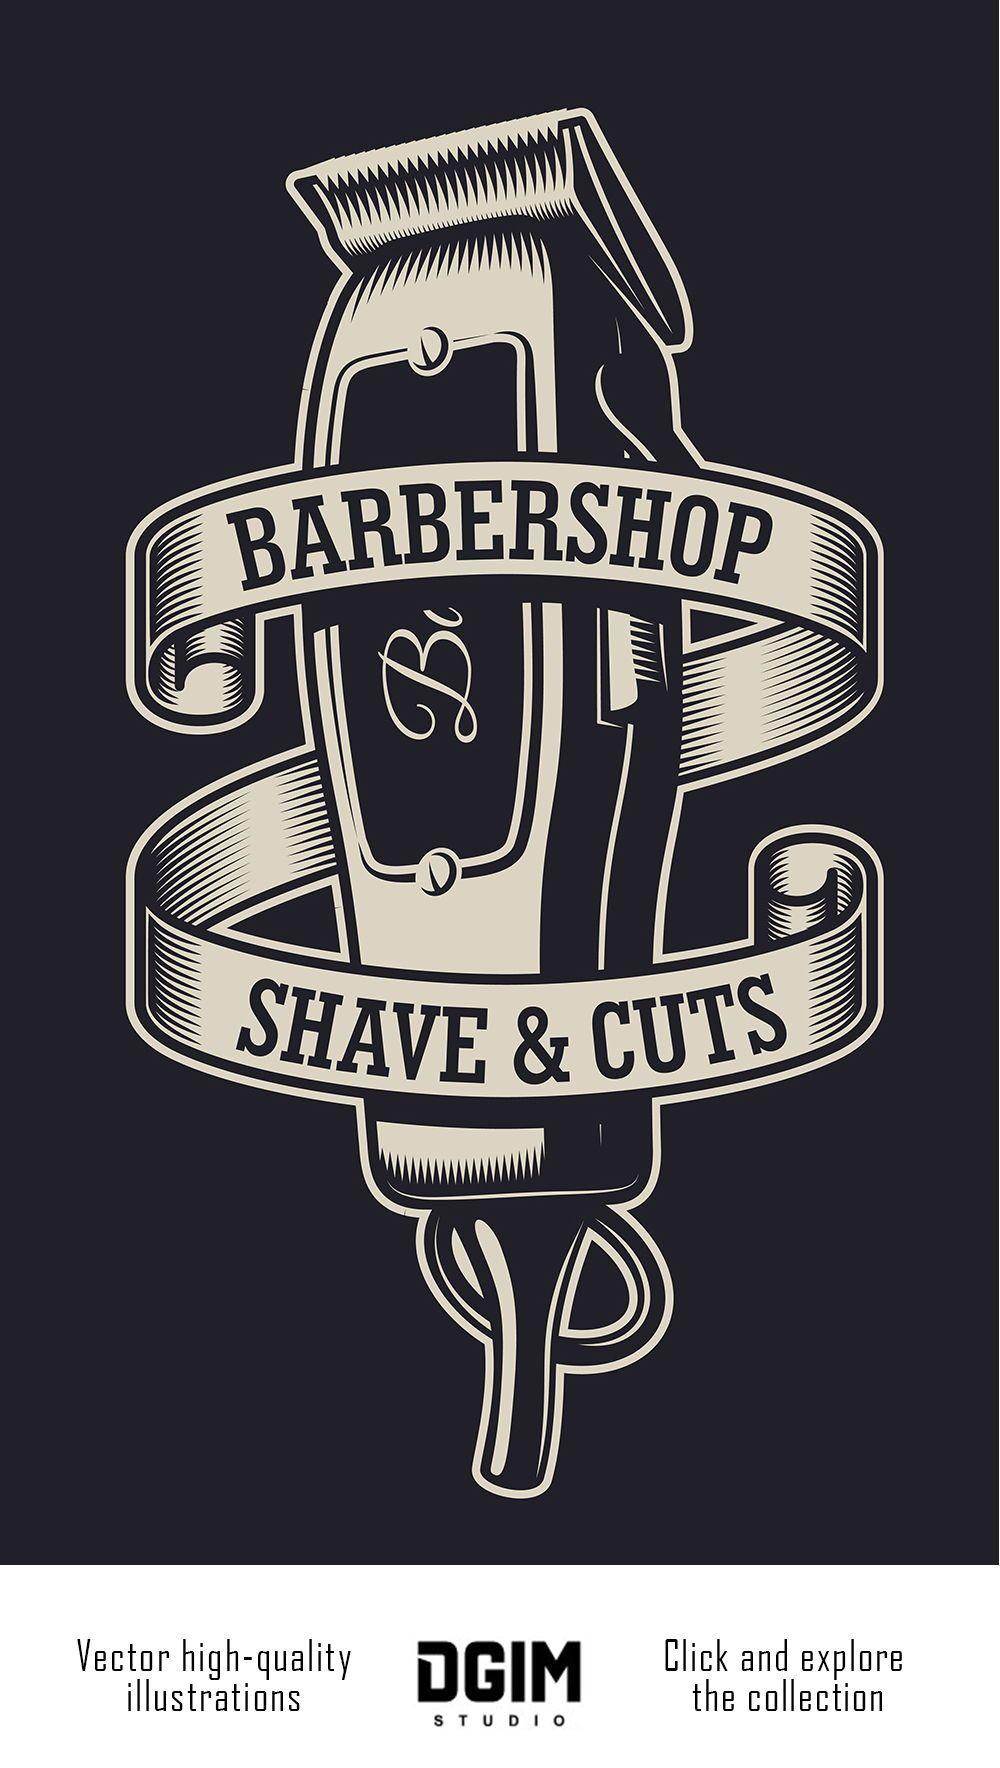 Barbershop Bundle Barber Shop Sign Barber Shop Barber Shop Decor